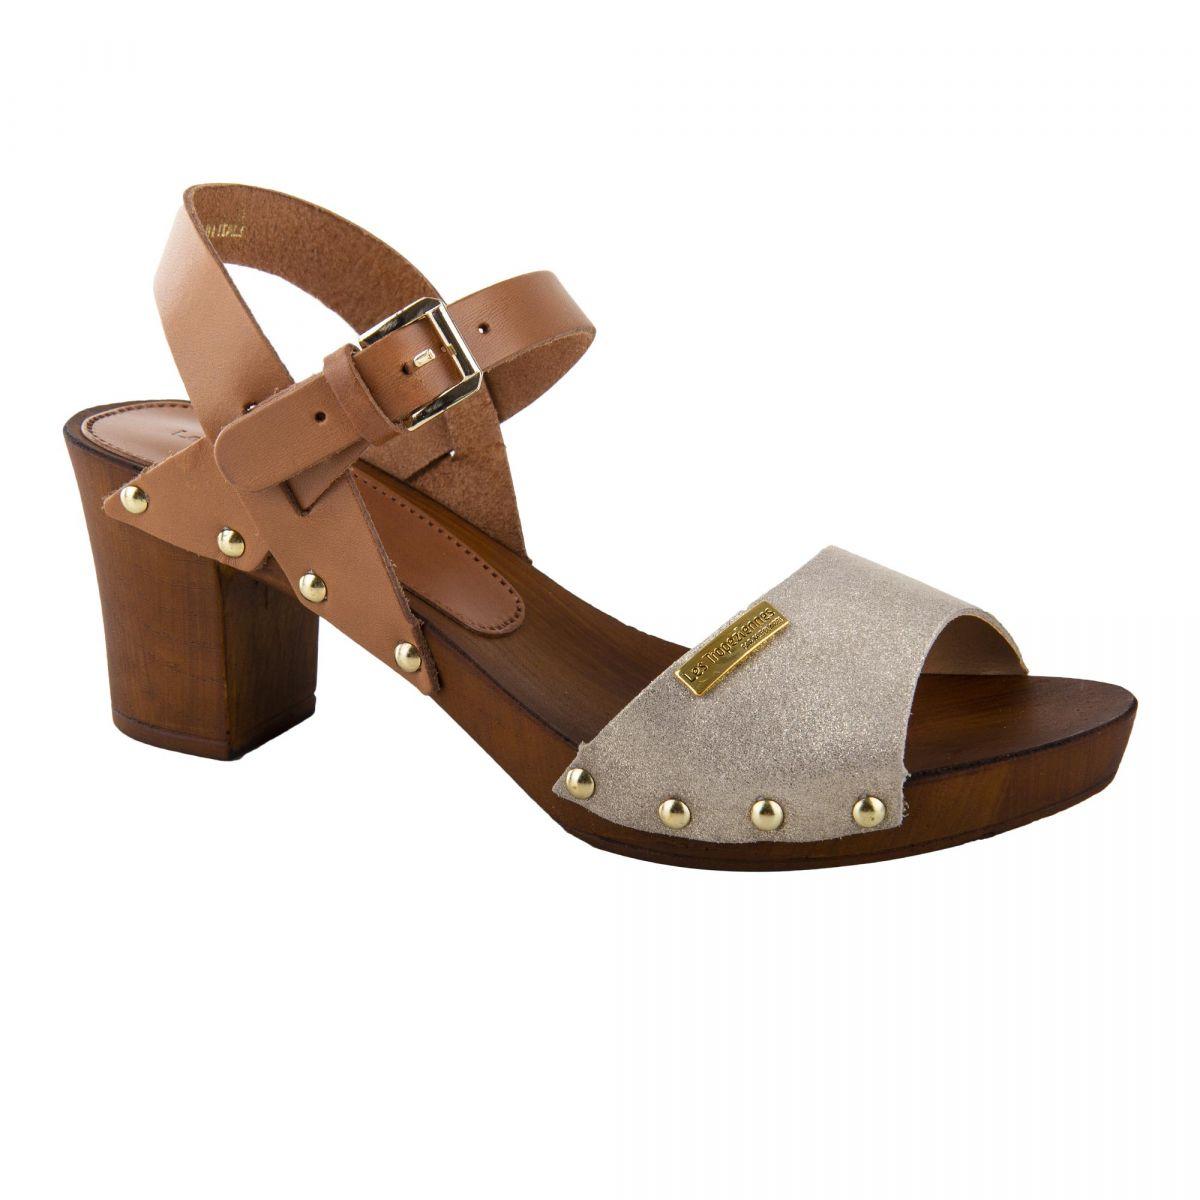 regard détaillé large sélection Prix 50% Sandales en cuir doré à petit talon VIENNA femme LES ...